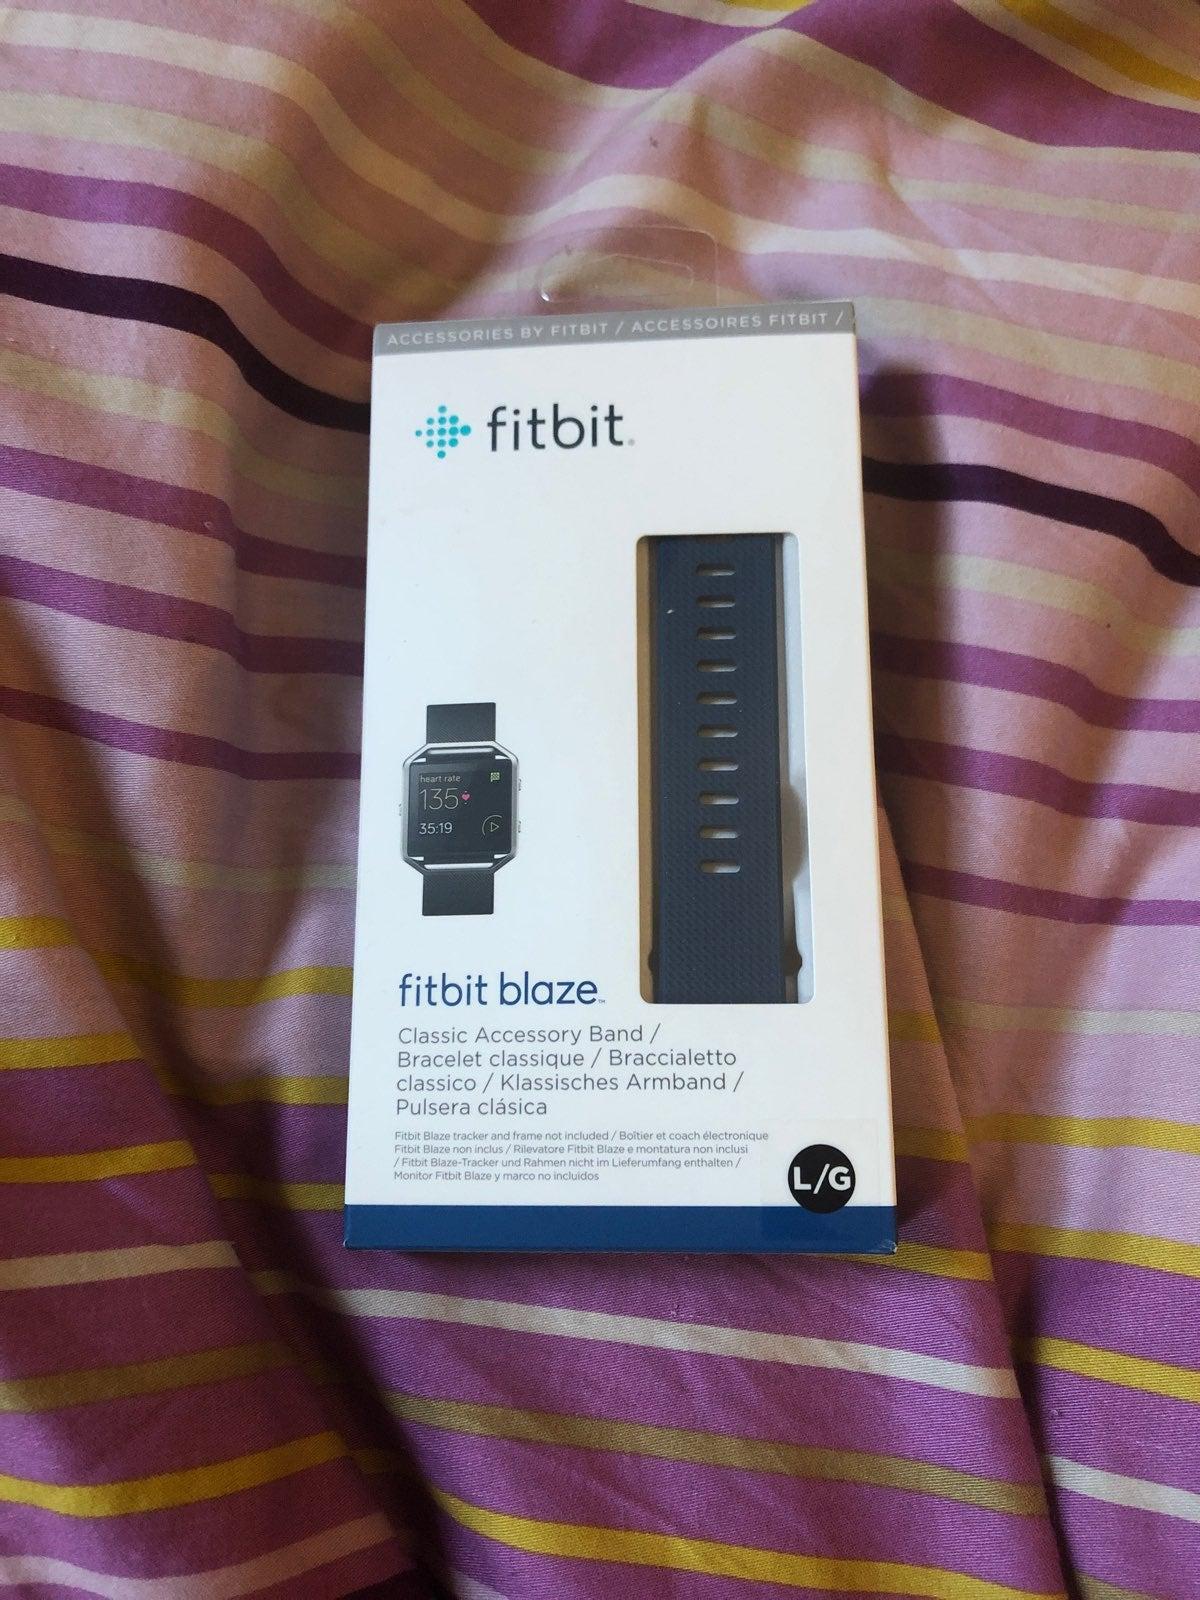 fit bit blaze band